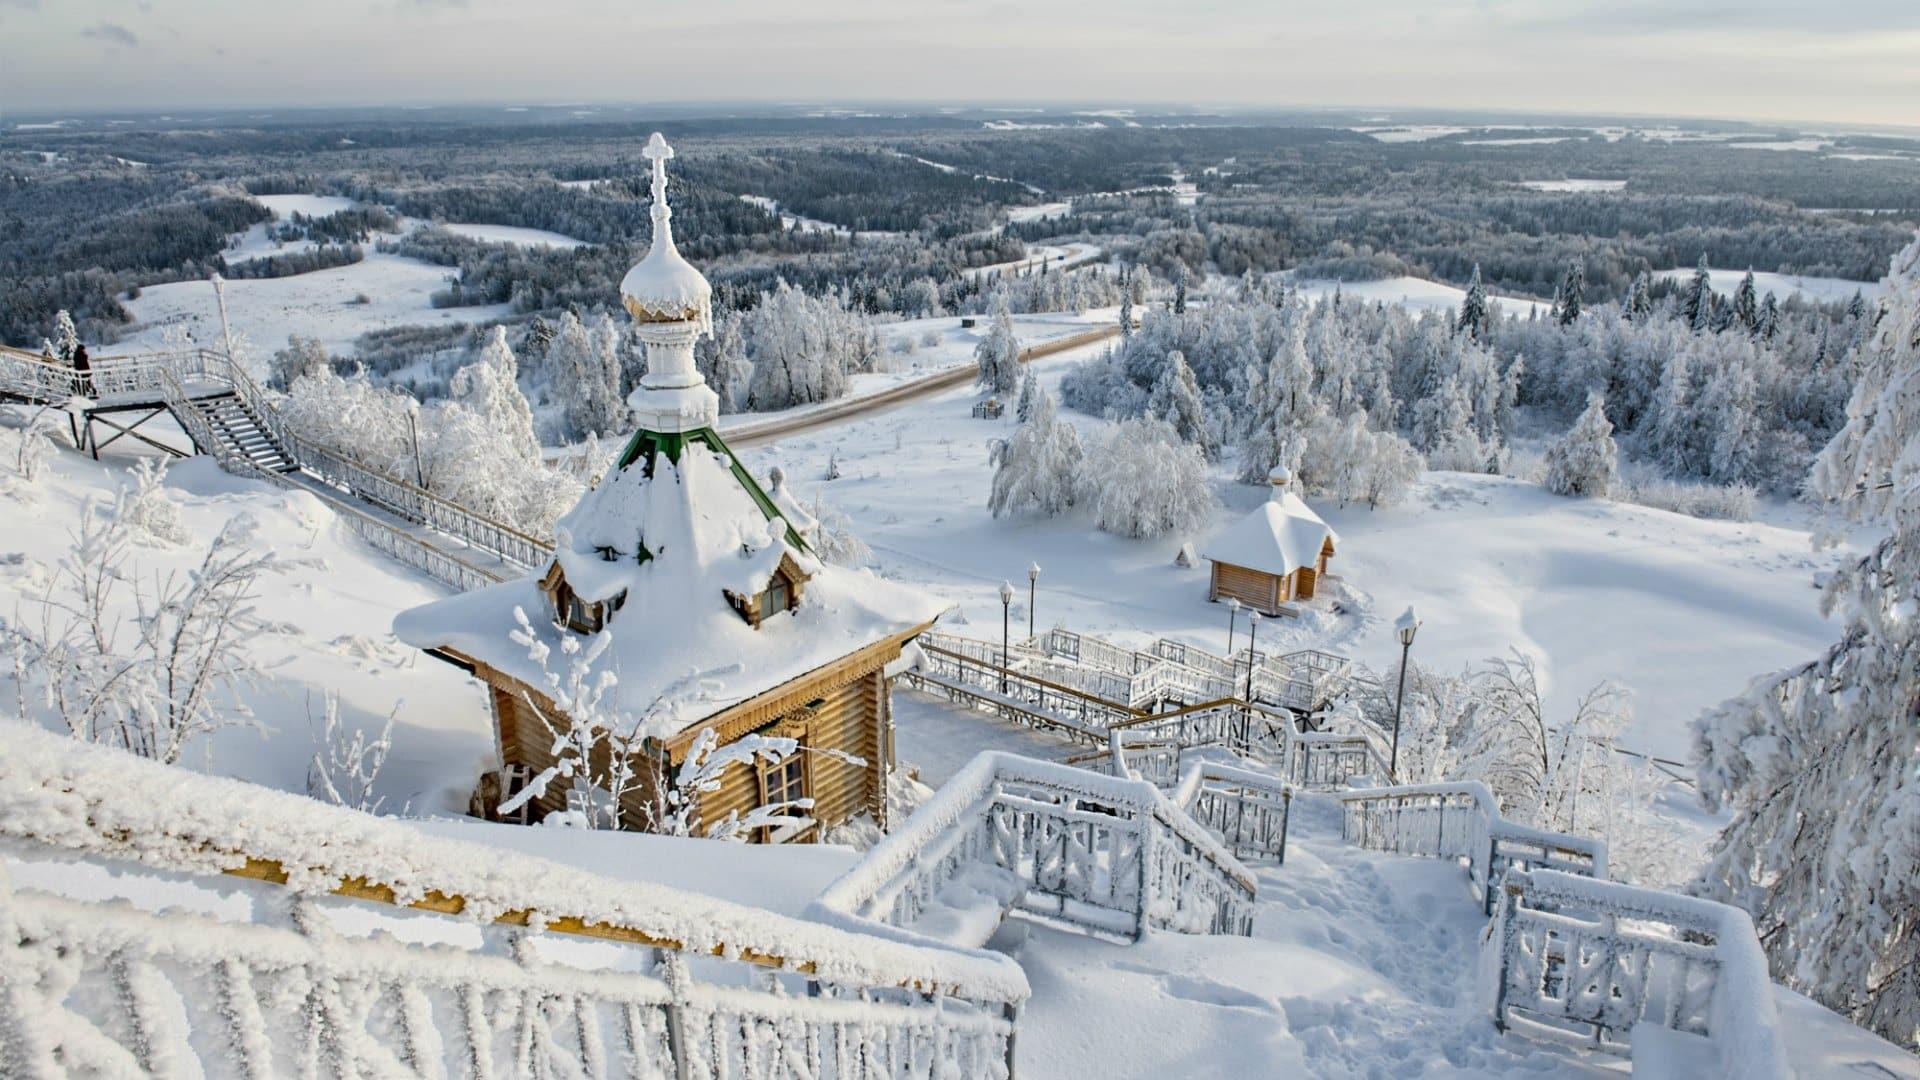 Какая погода будет в России зимой 2019-2020: прогнозы синоптиков, будет холодная зима или нет